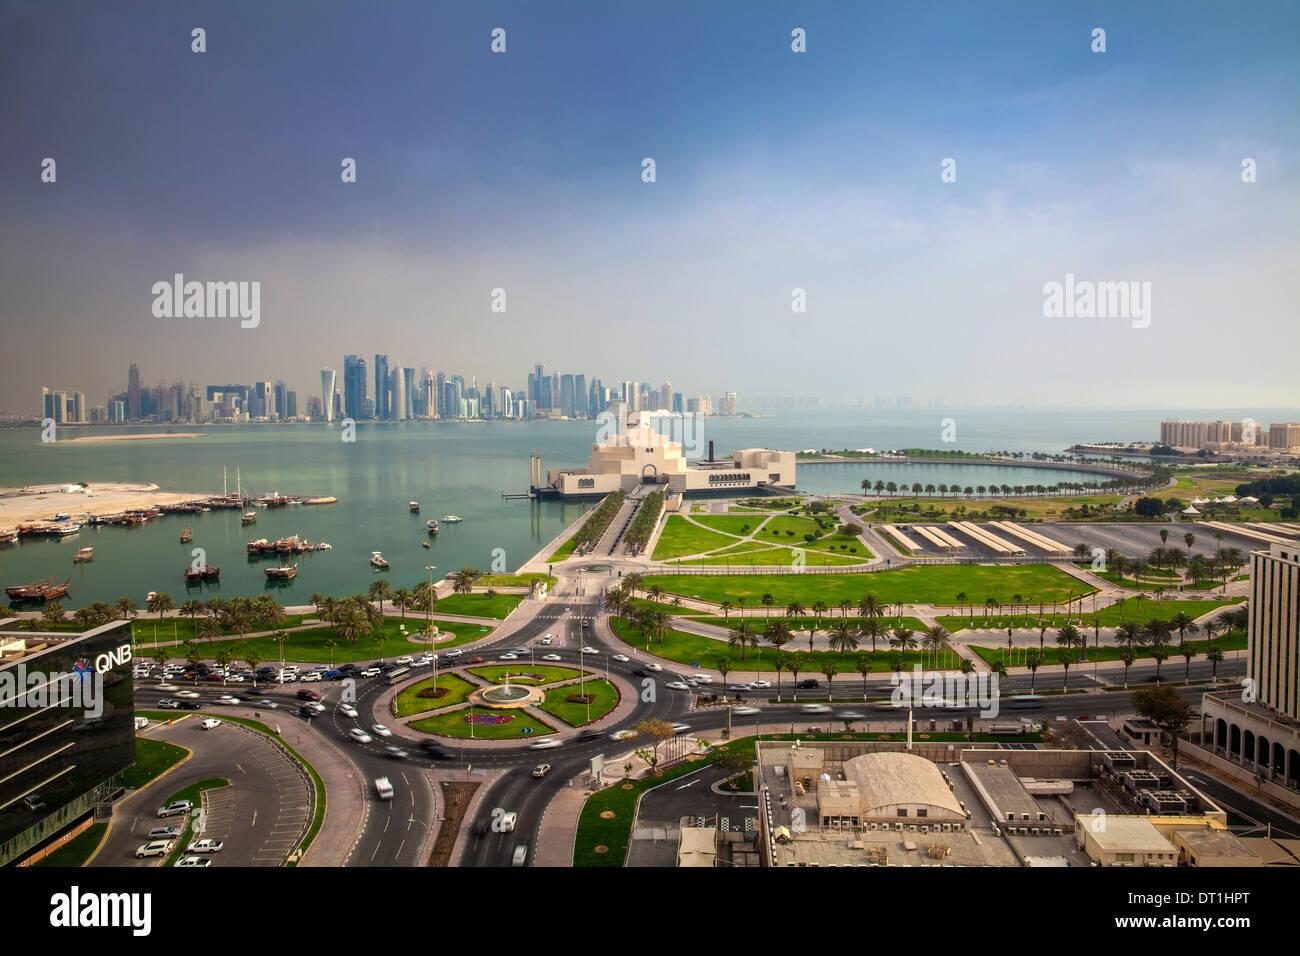 Il Museo di Arte Islamica, Doha, Qatar, Medio Oriente Immagini Stock